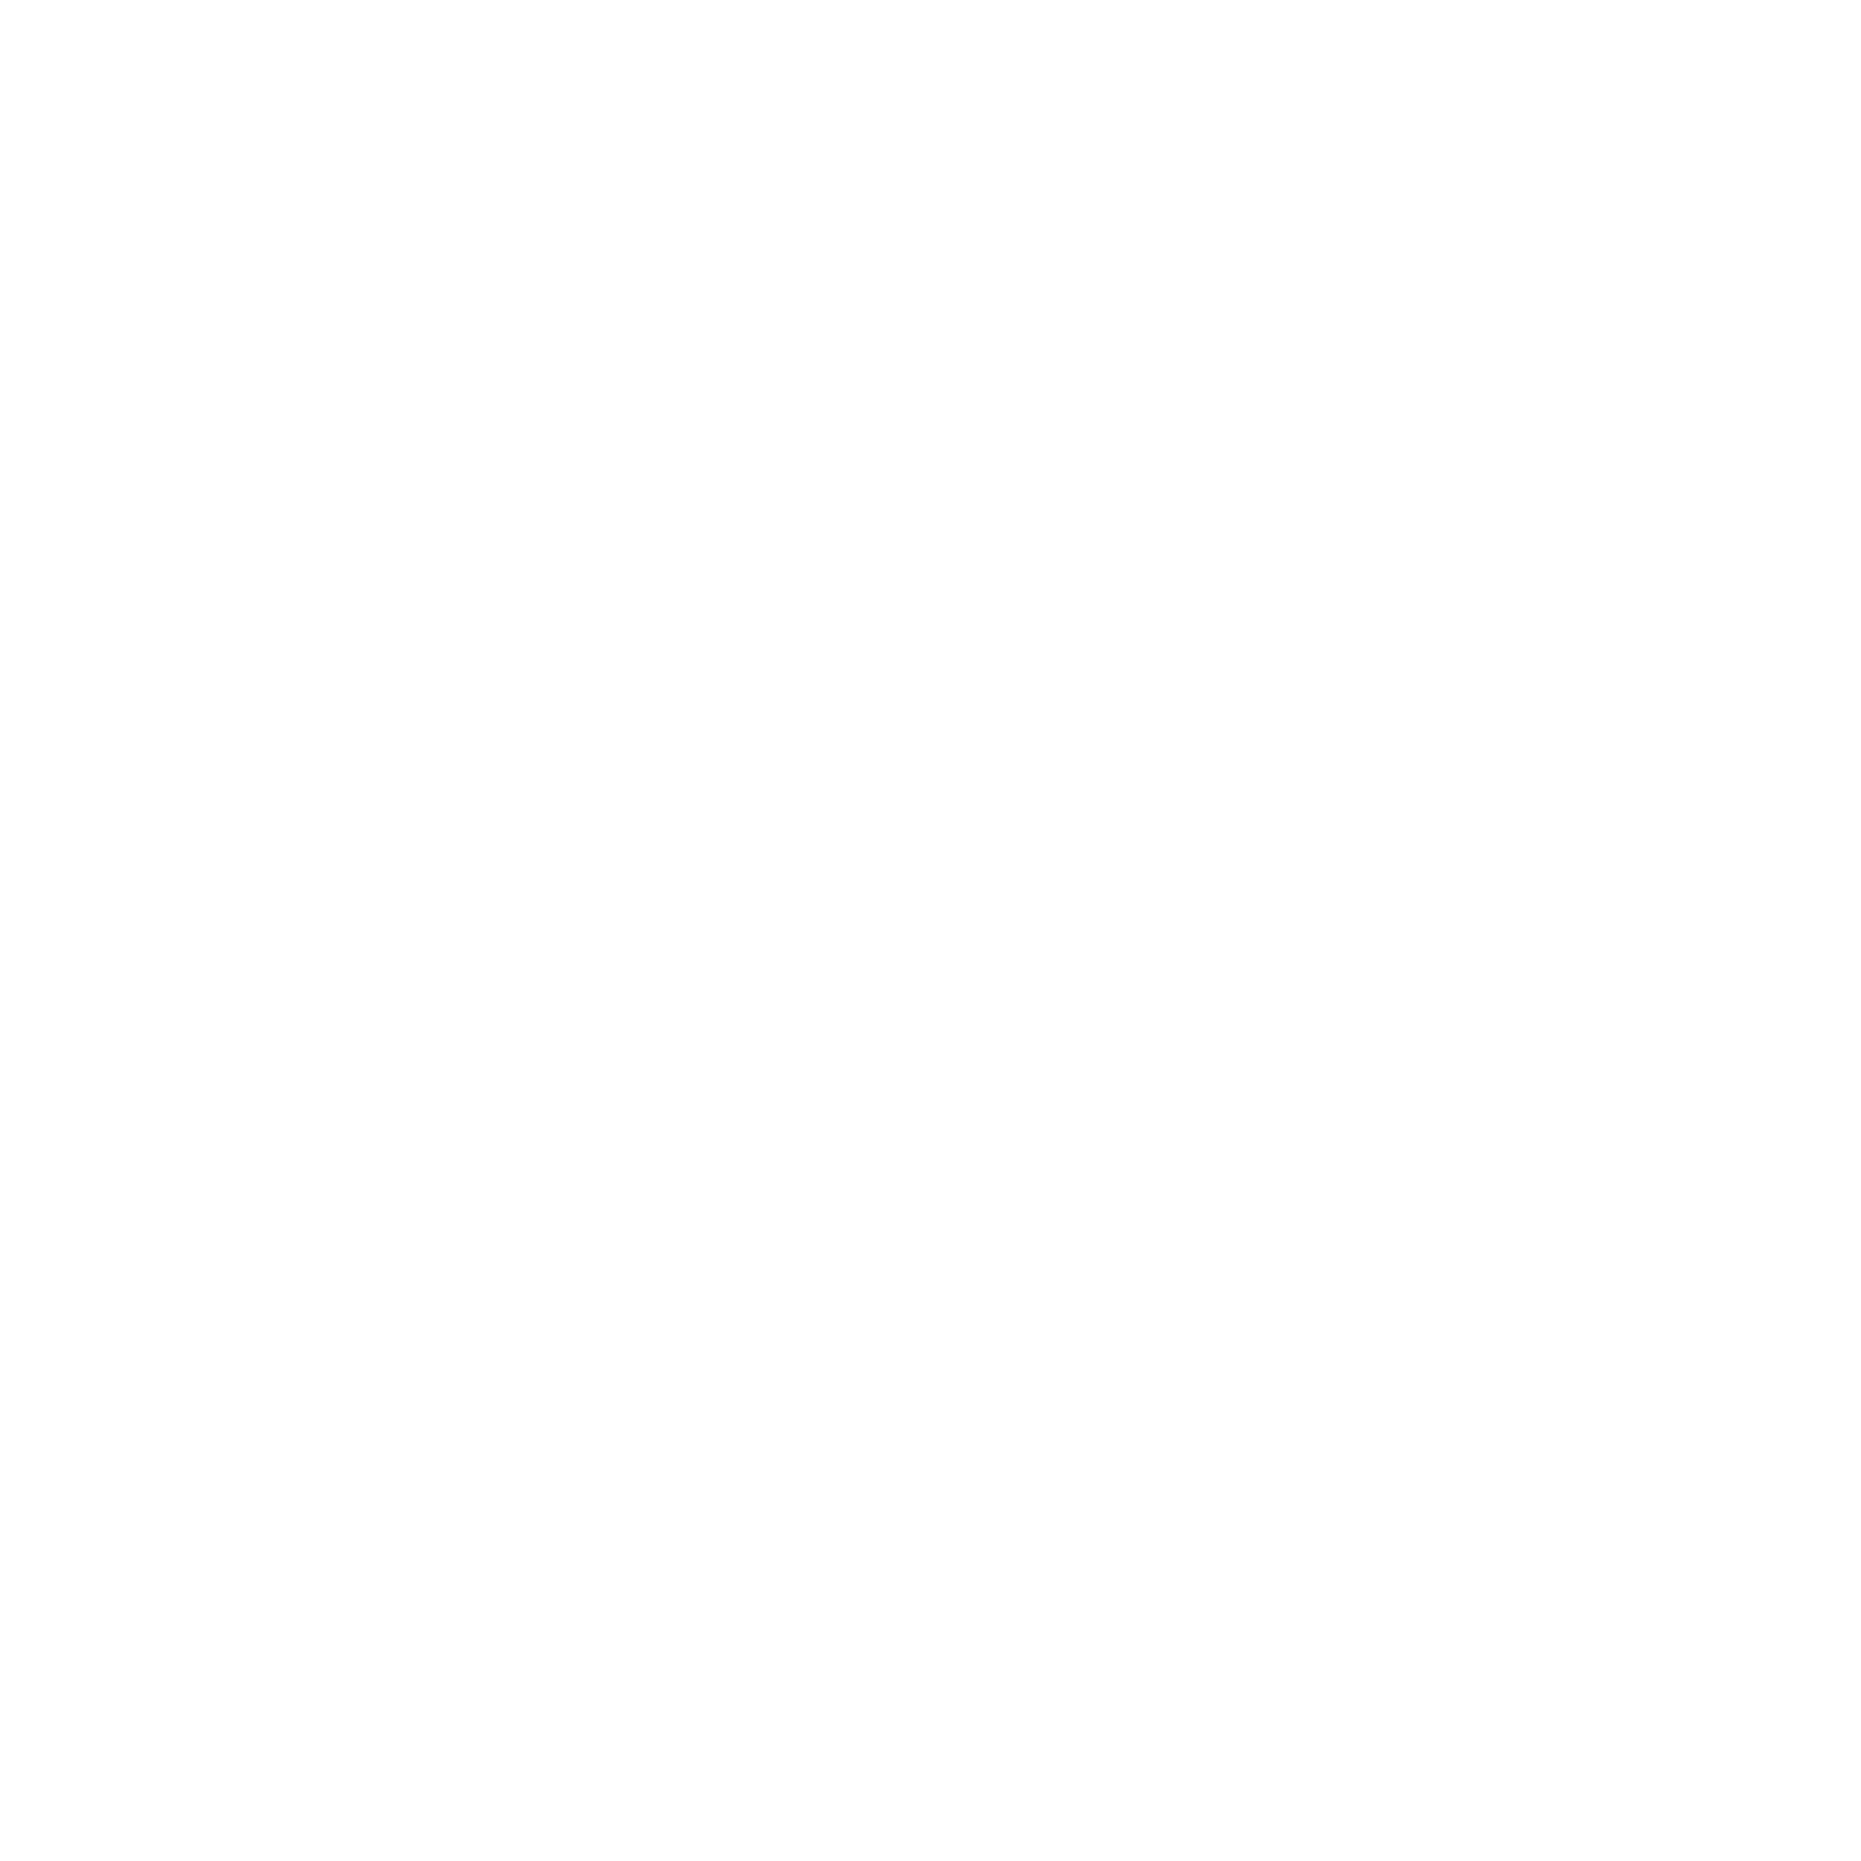 Schrijf je in op onze nieuwsbrief